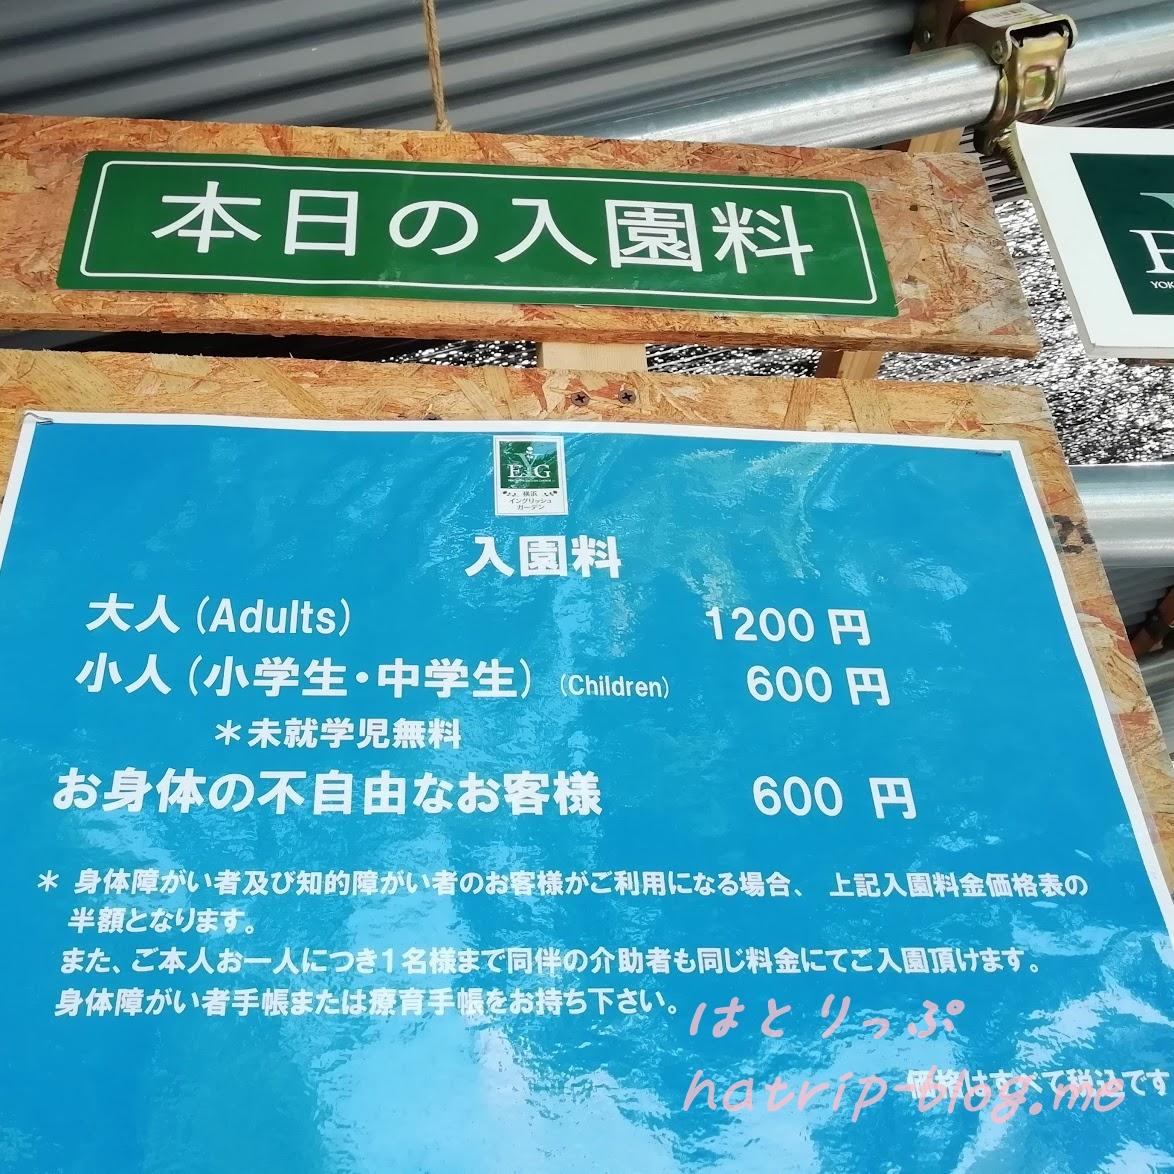 横浜イングリッシュガーデン 入園料金